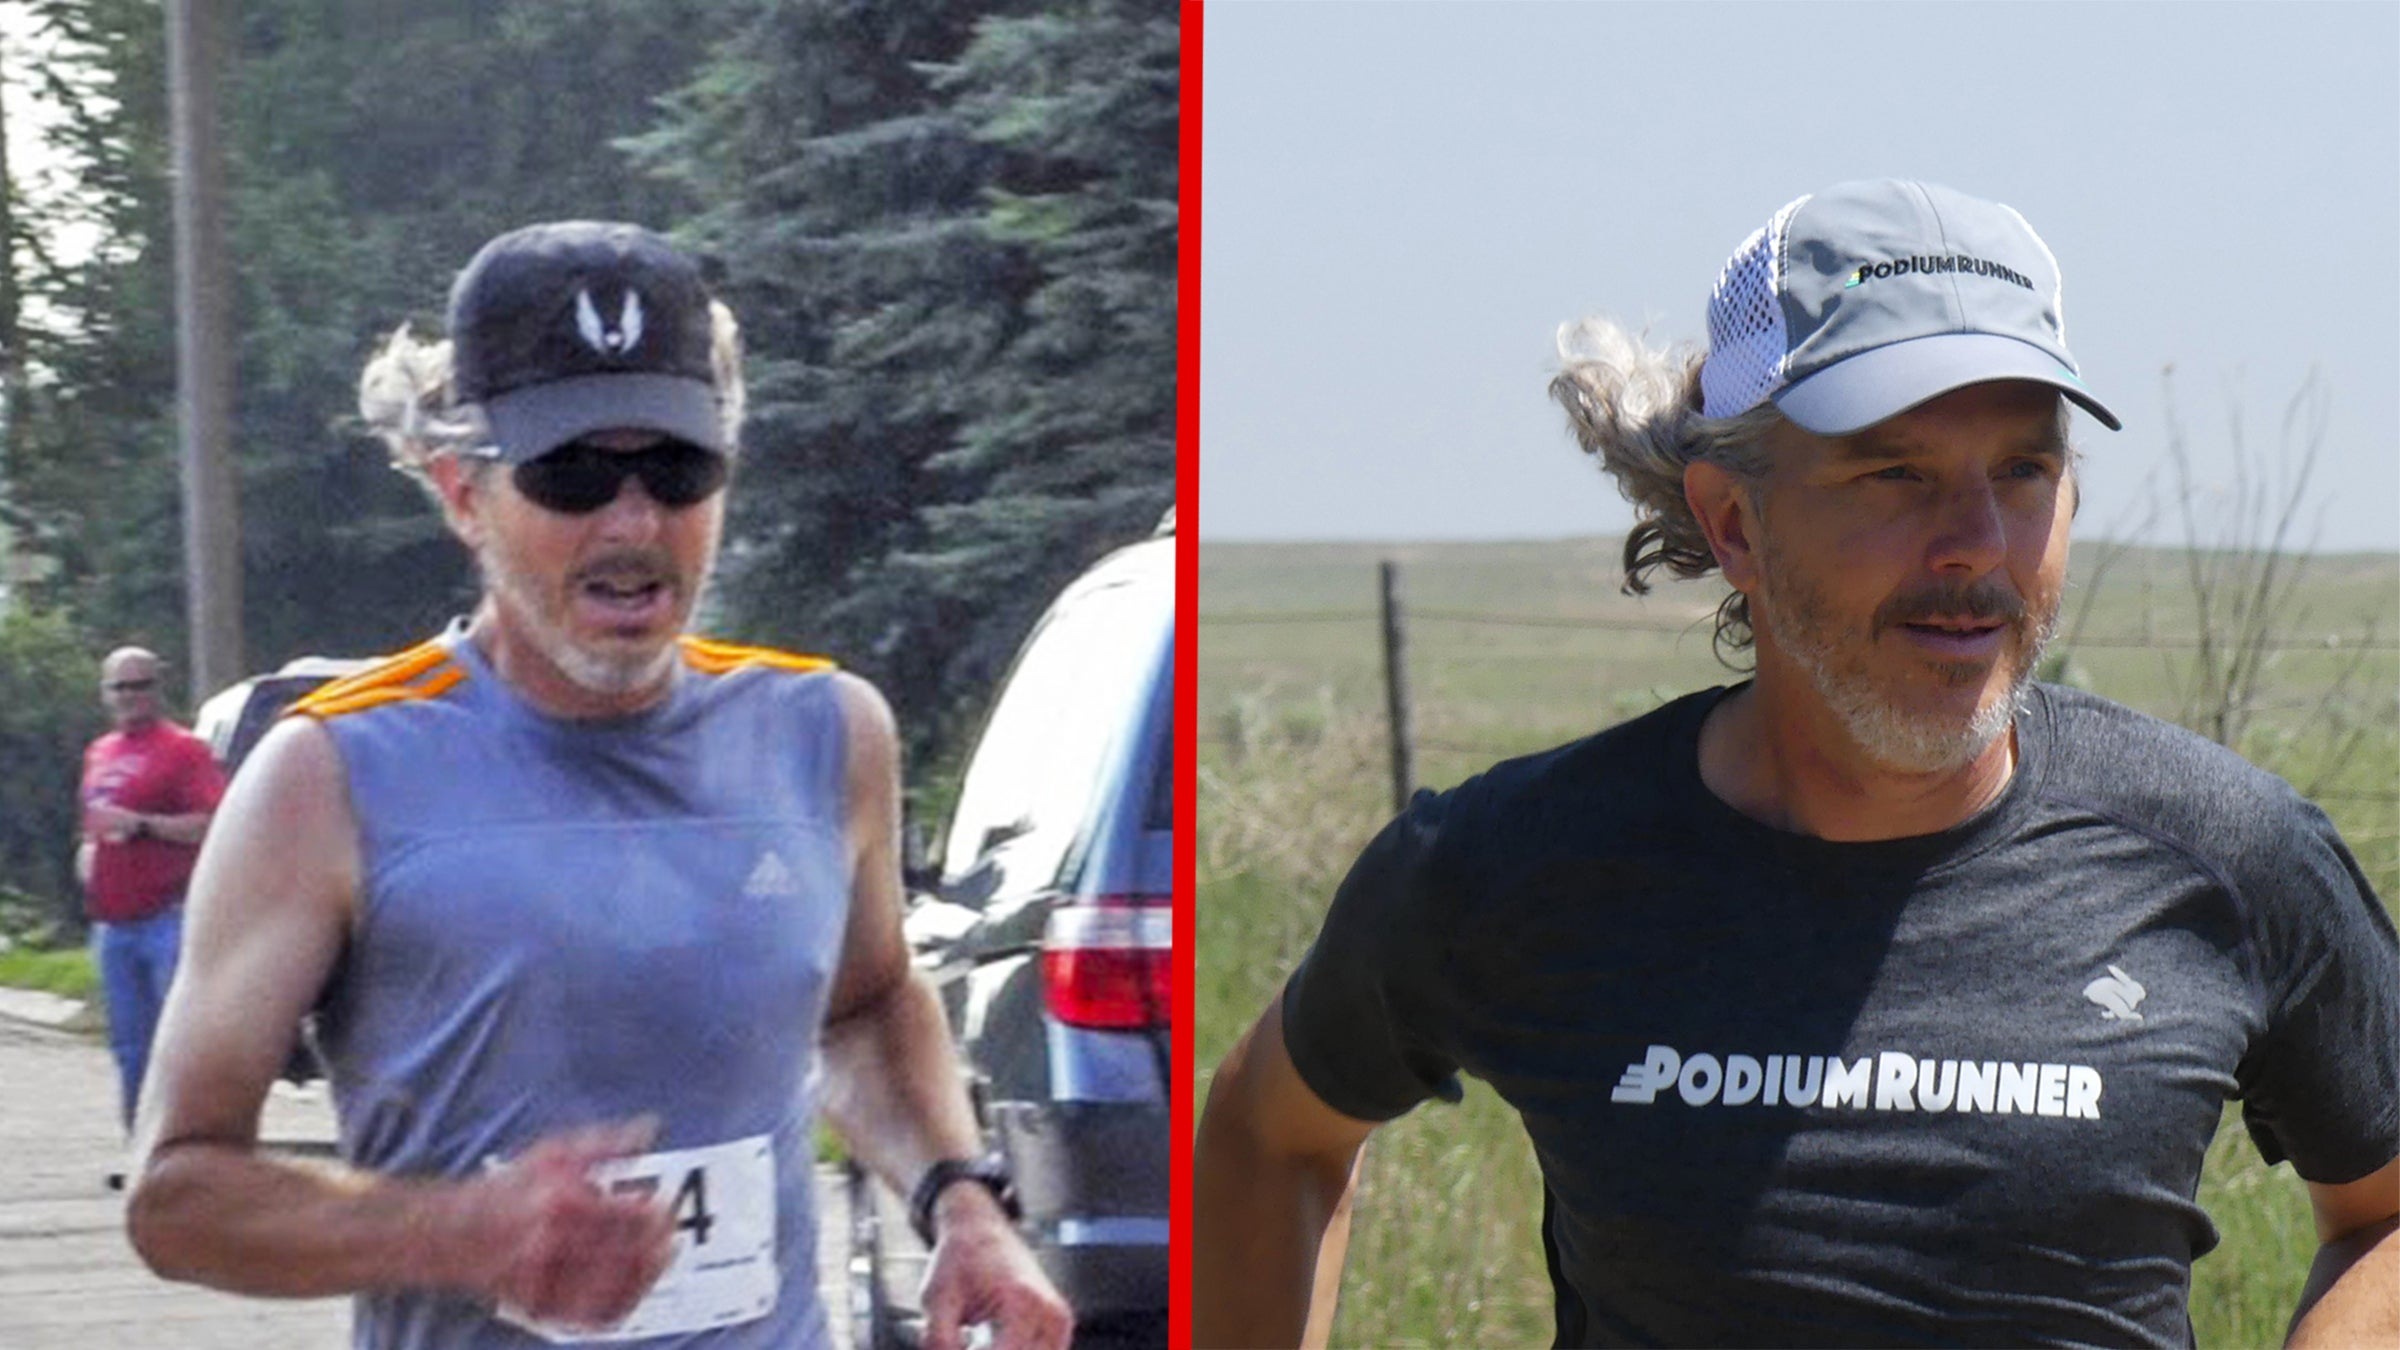 Fierce Racer or Gentle Runner? Yes. – PodiumRunner